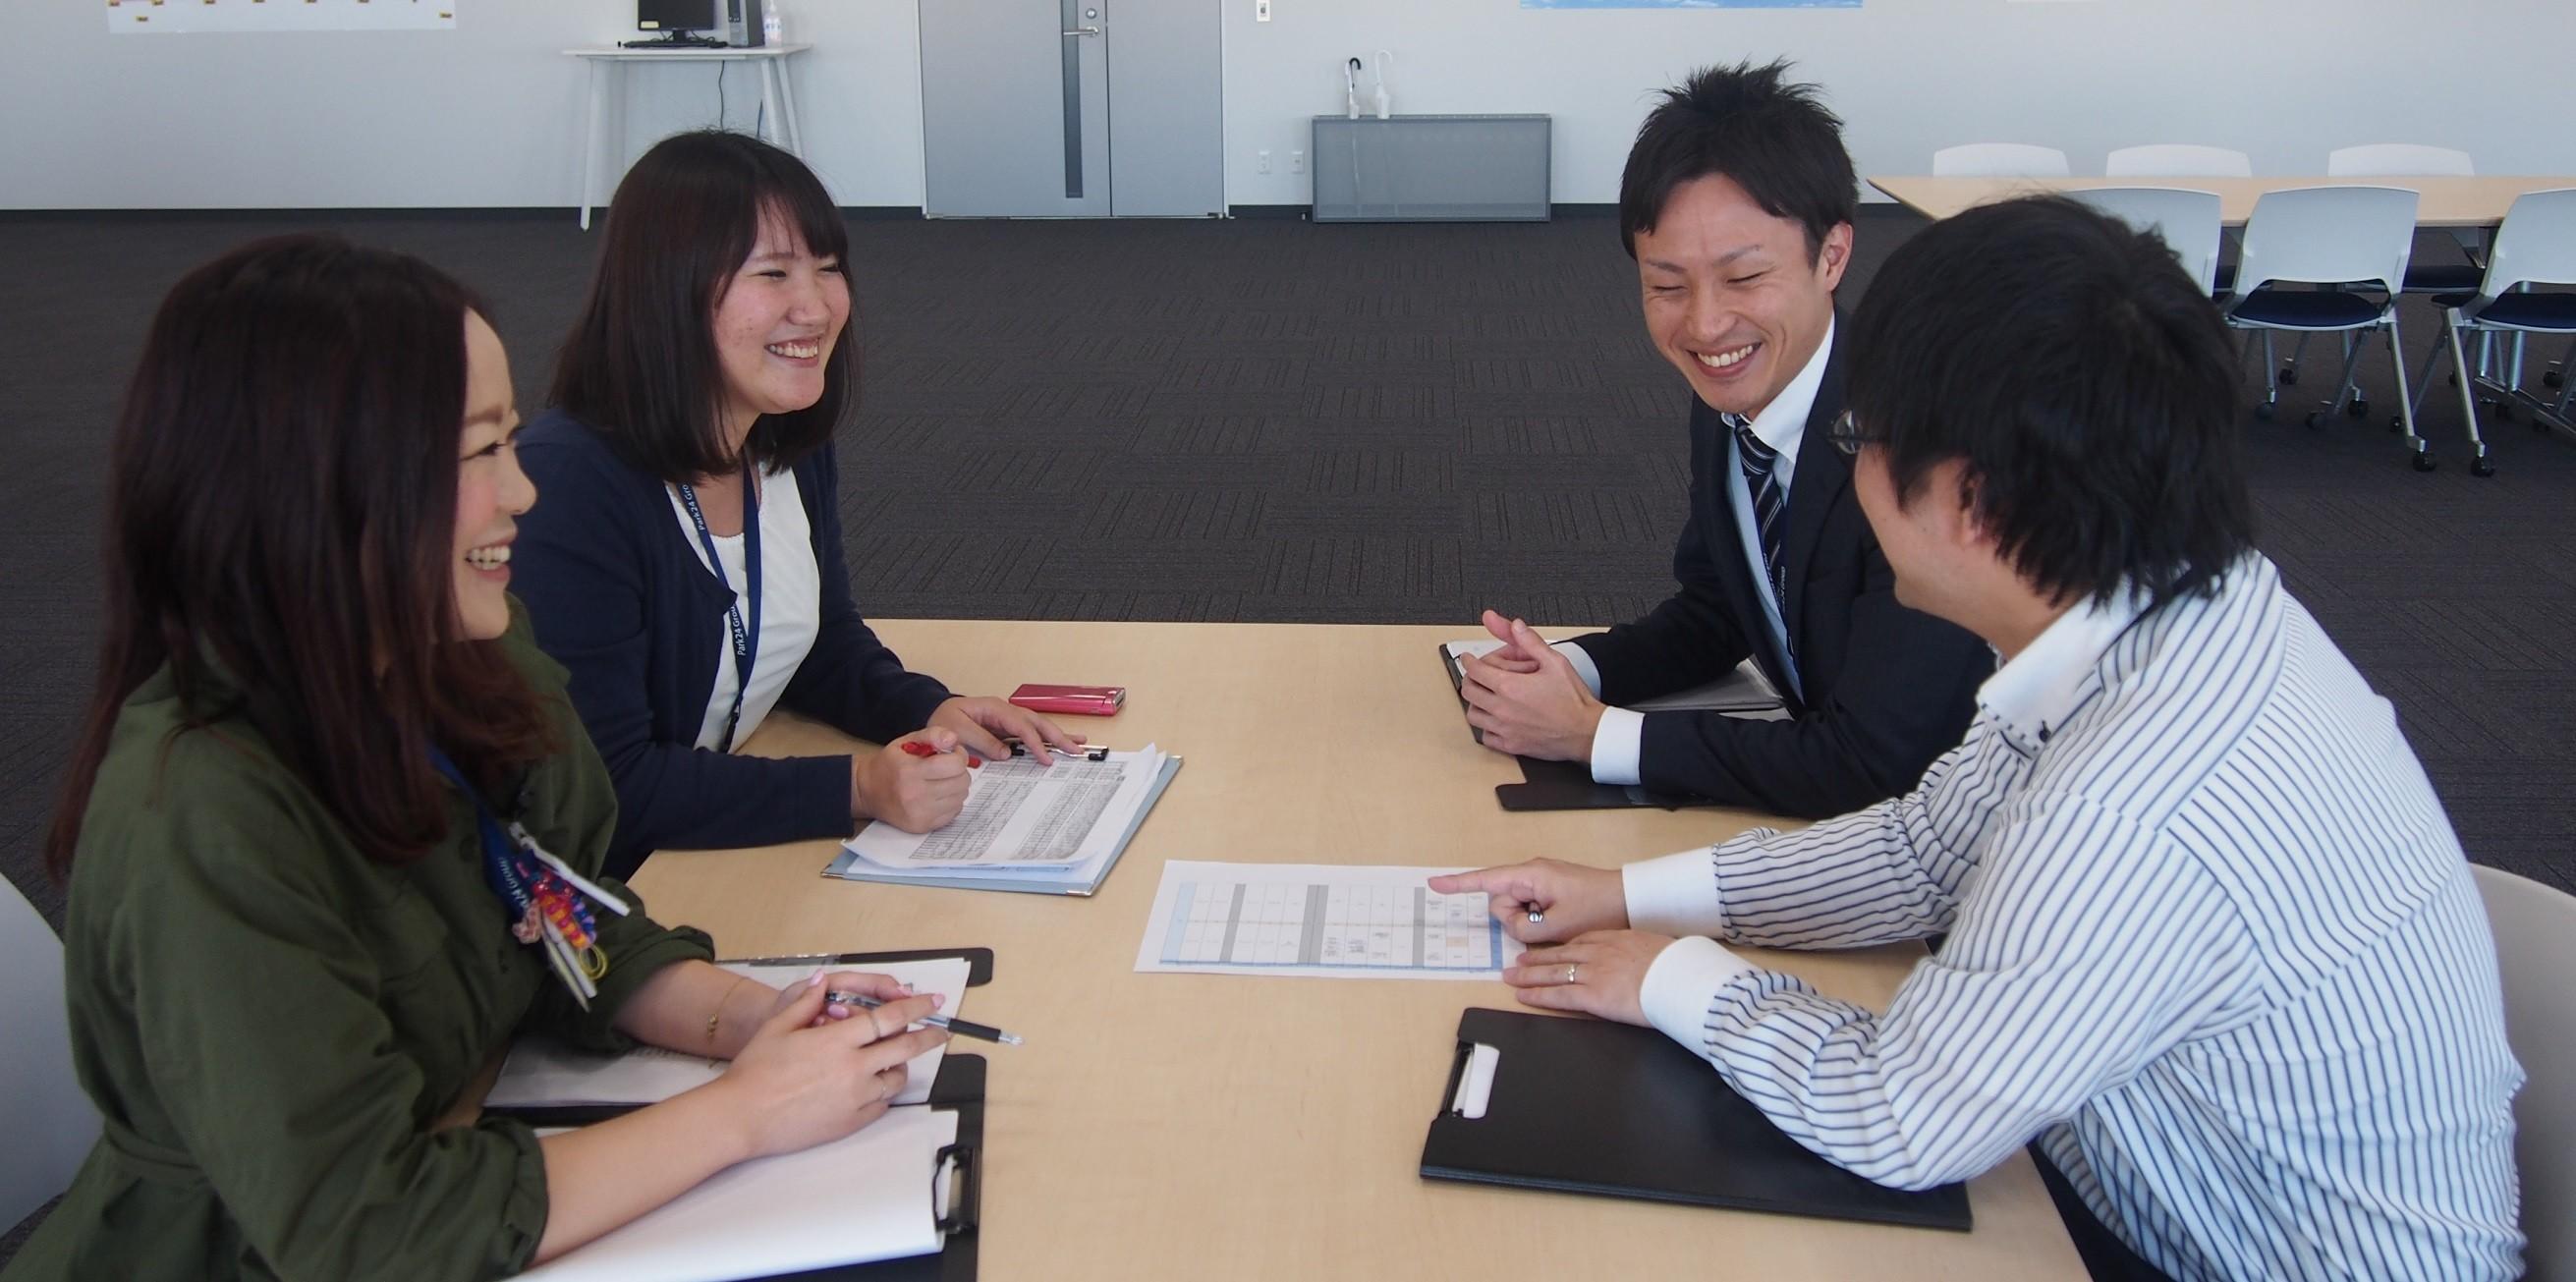 タイムズコミュニケーション株式会社 東京センター のアルバイト情報